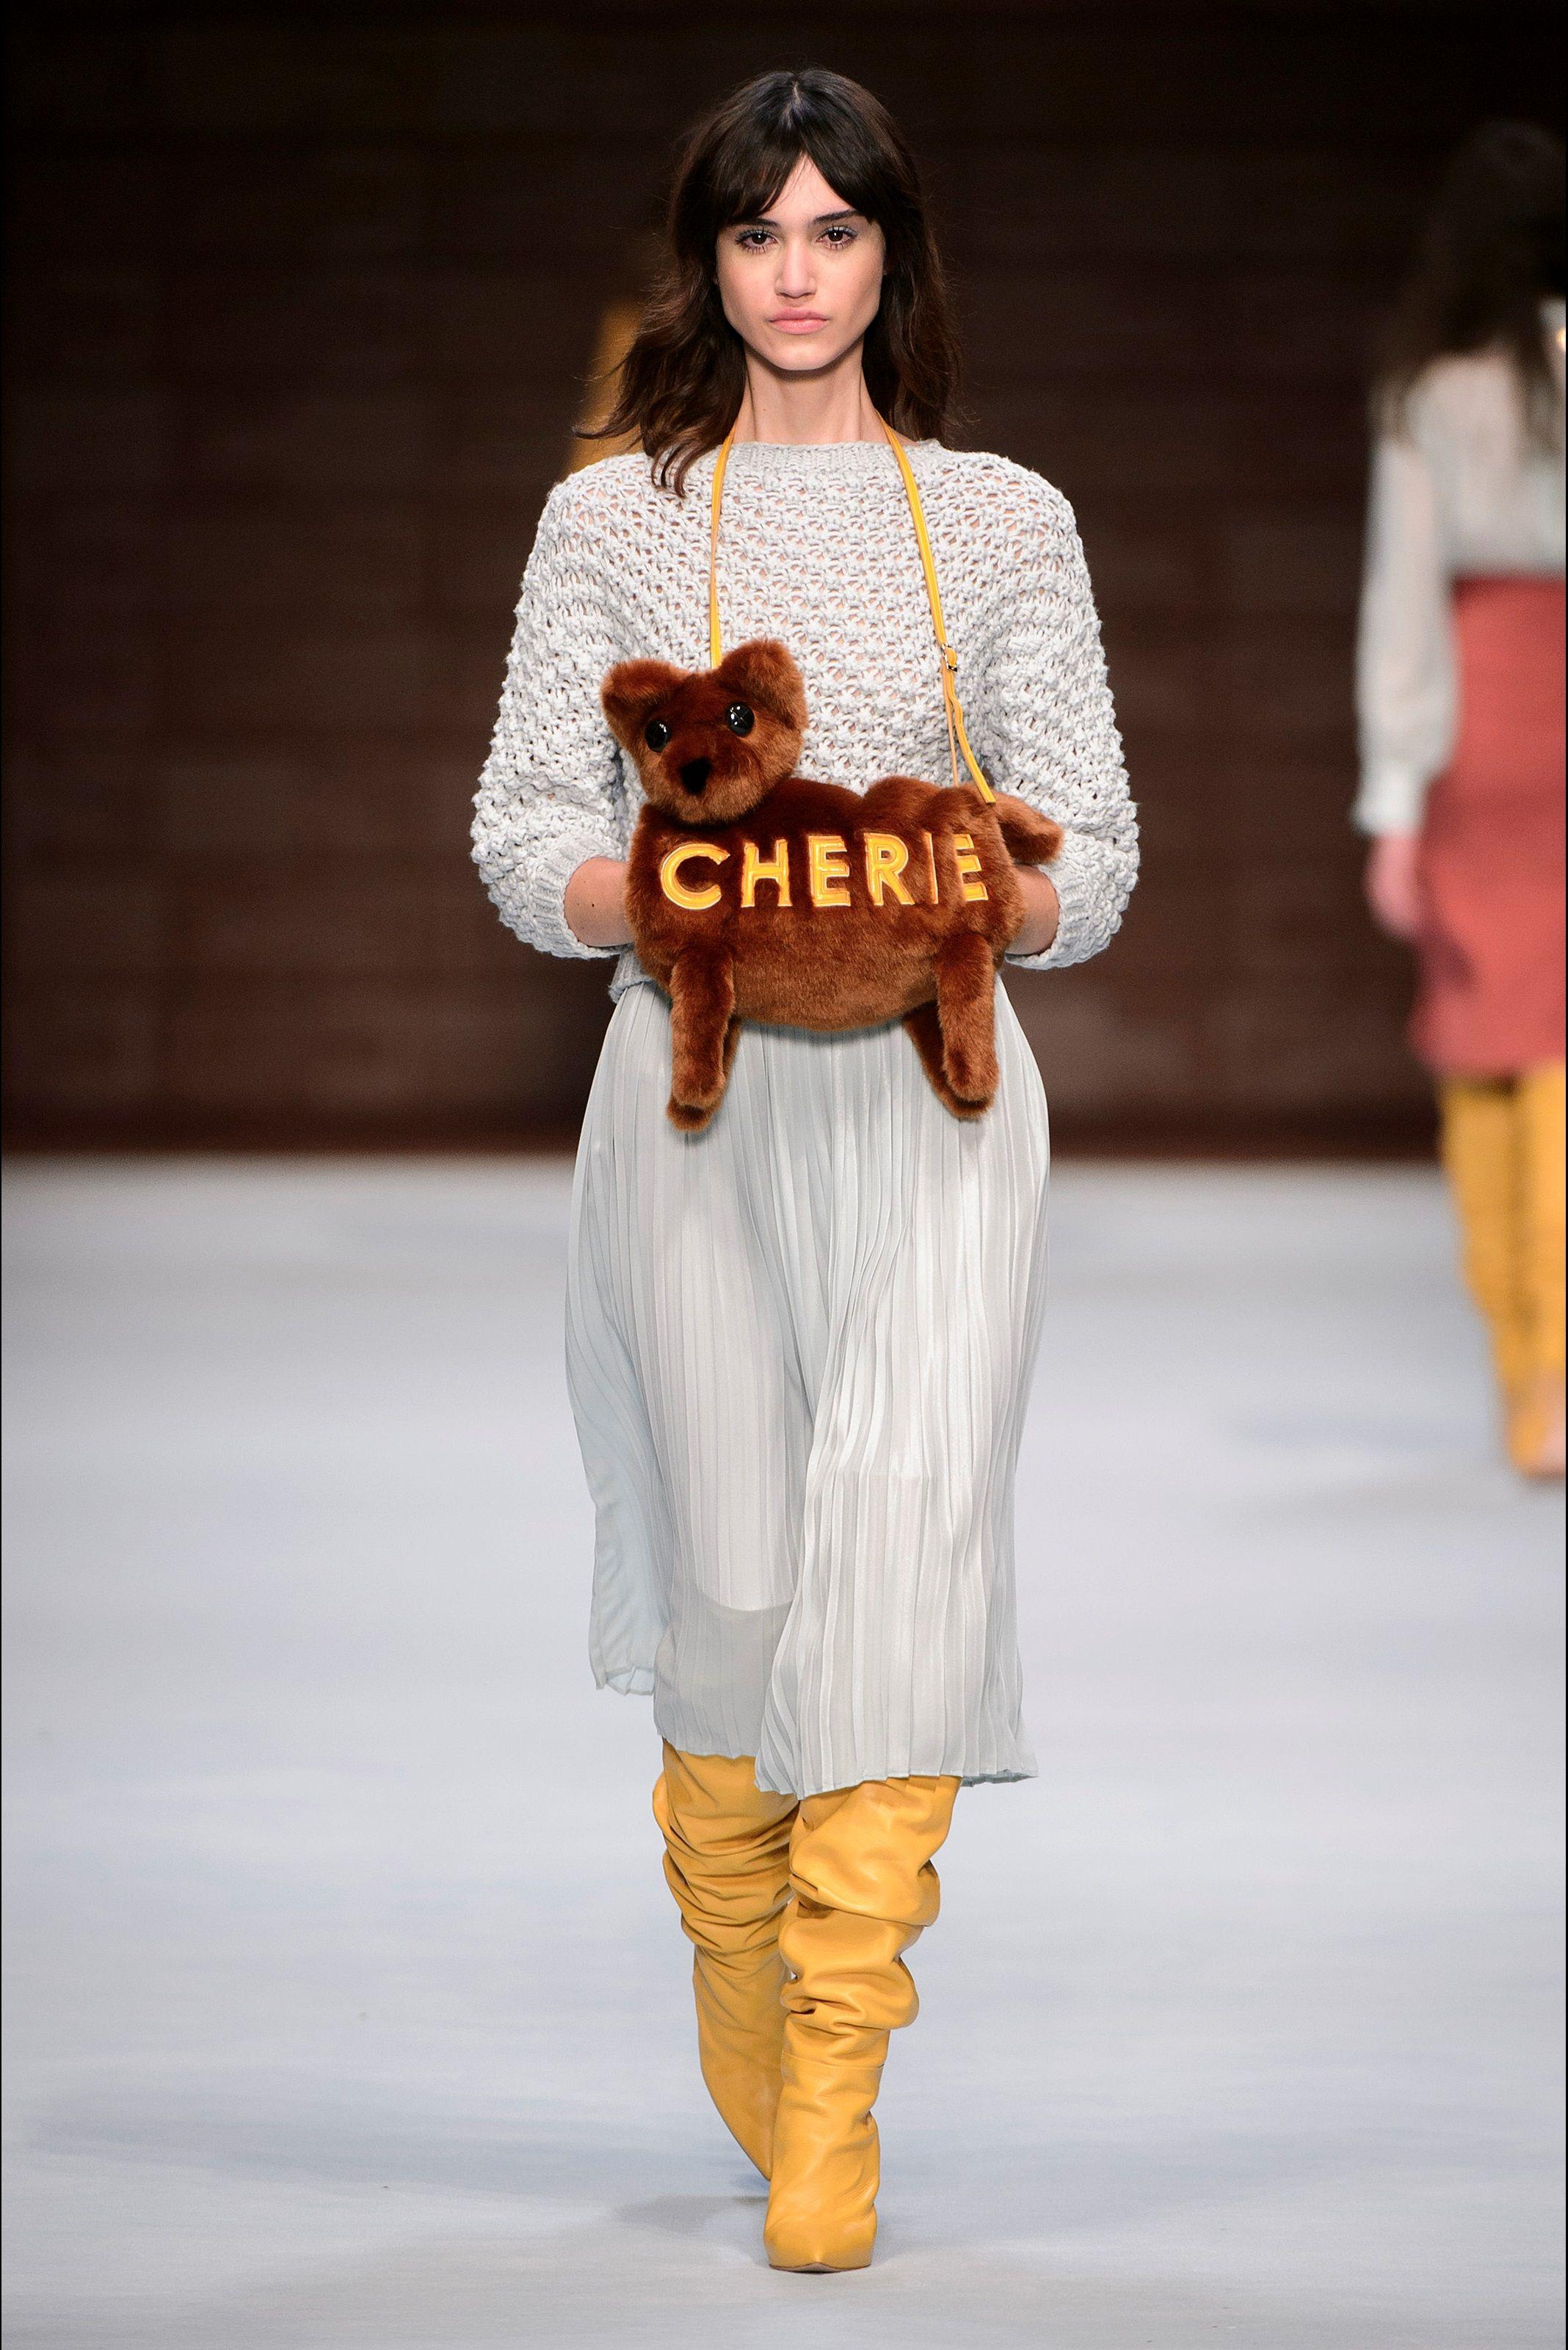 6a62c40c84960 Guarda la sfilata di moda Elisabetta Franchi a Milano e scopri la  collezione di abiti e accessori per la stagione Collezioni Autunno Inverno  2018-19.